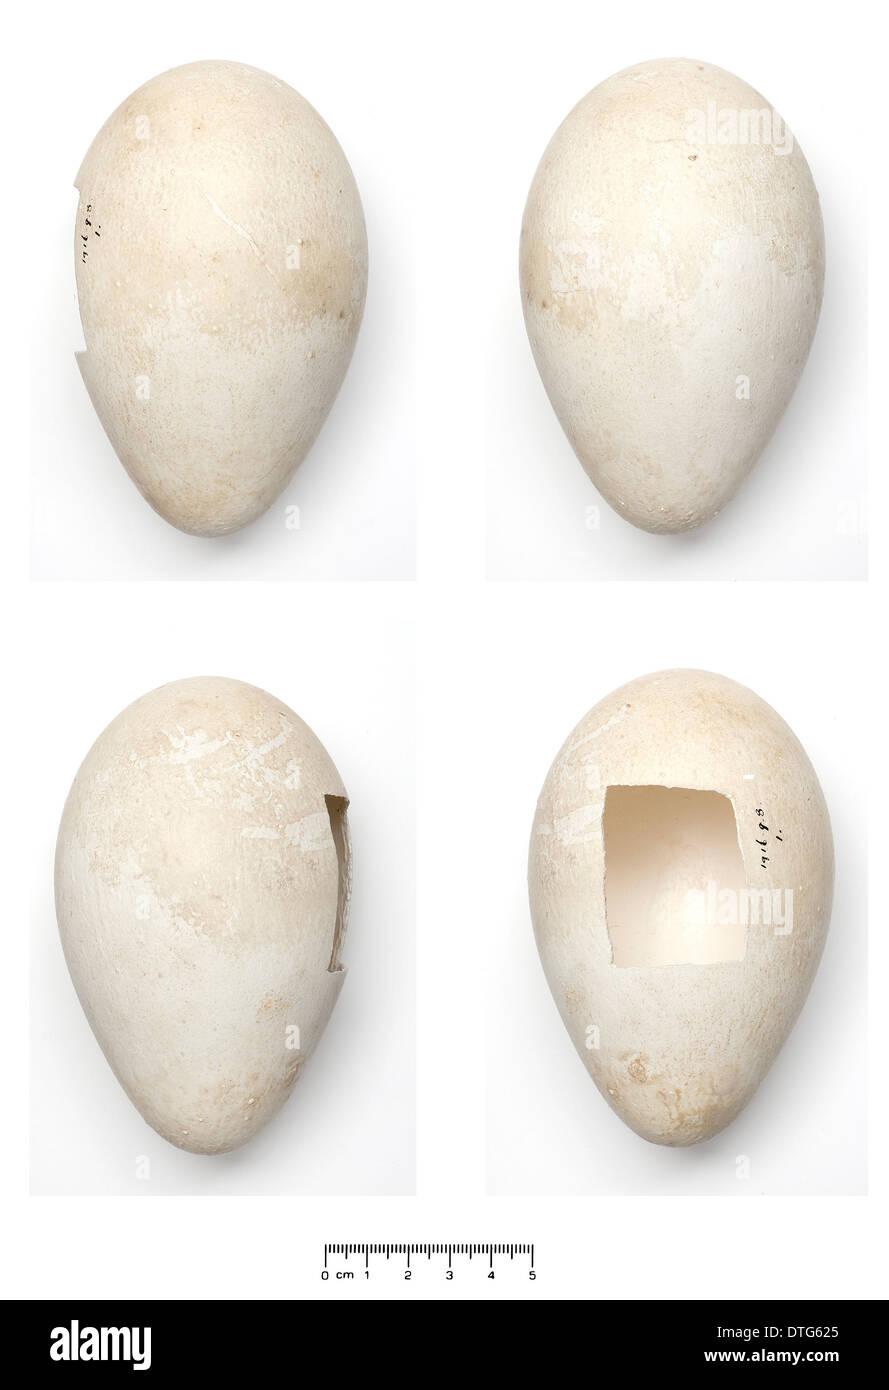 Aptenodytes forsteri, Emperor Penguin egg - Stock Image